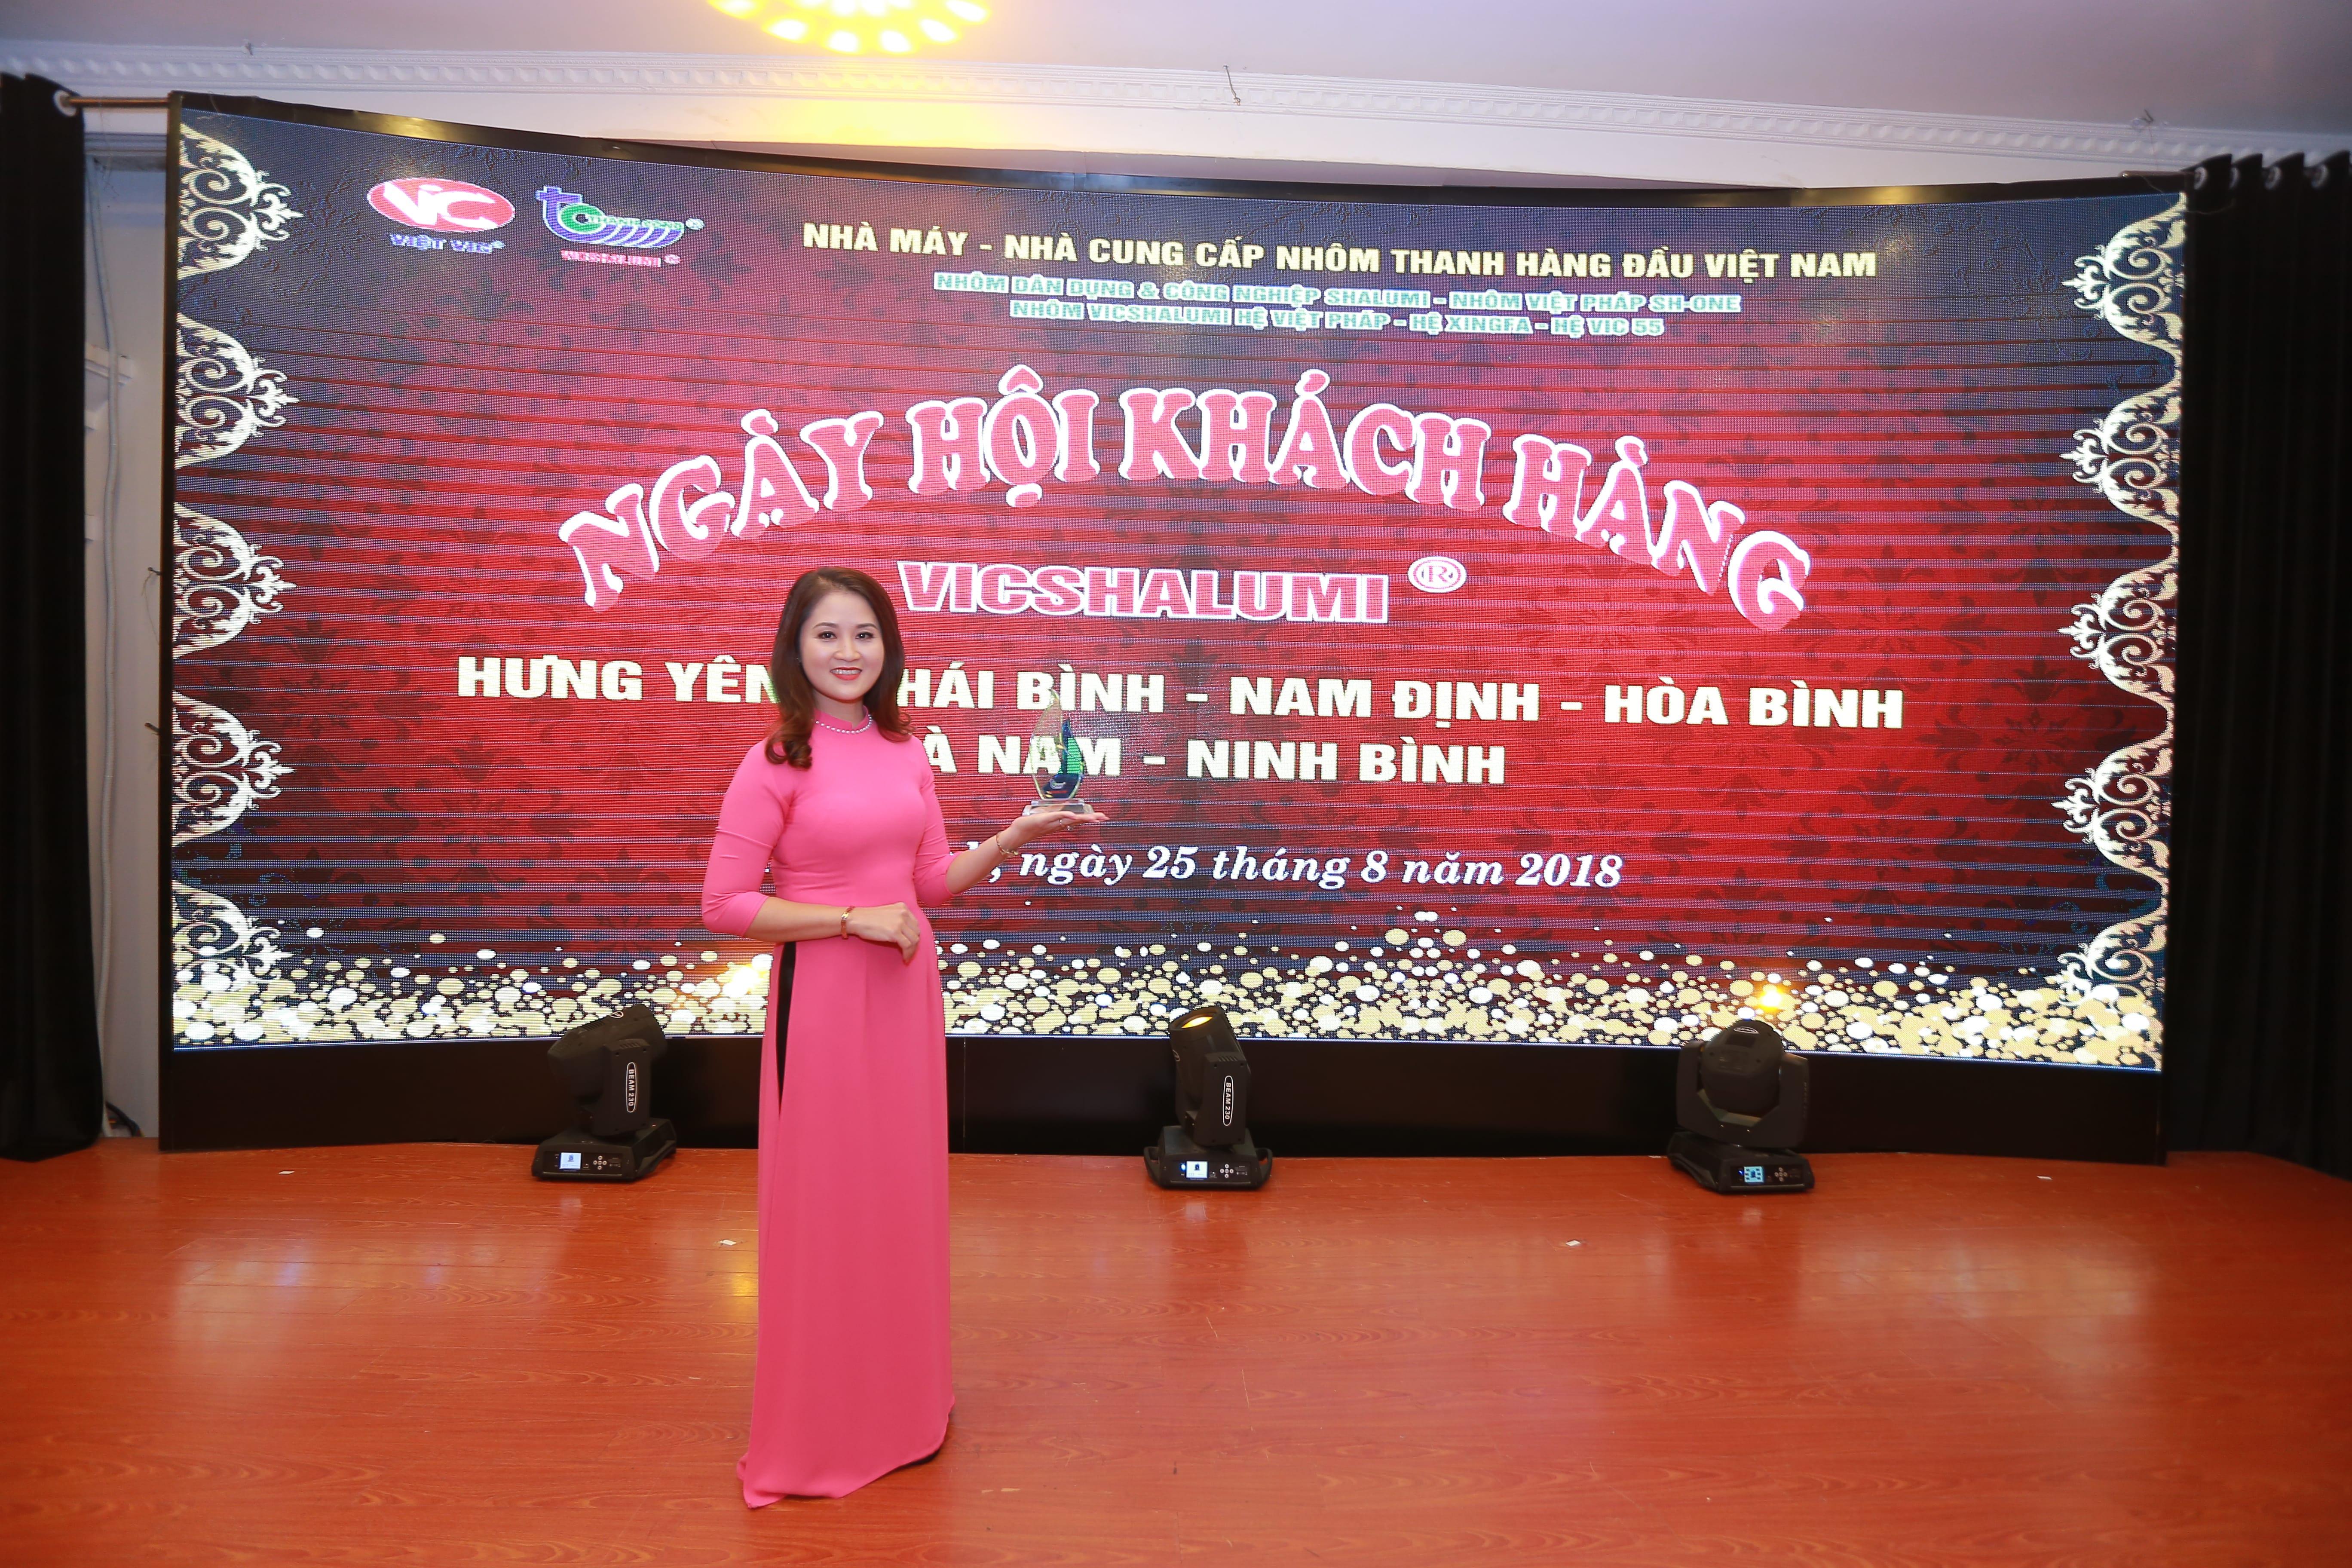 Sự Kiện Tháng 8 Của VIC GROUP Hội Tụ Khách Hàng 6 Tỉnh Hòa Bình - Hà Nam - Ninh Bình - Hưng Yên - Thái Bình - Nam Định